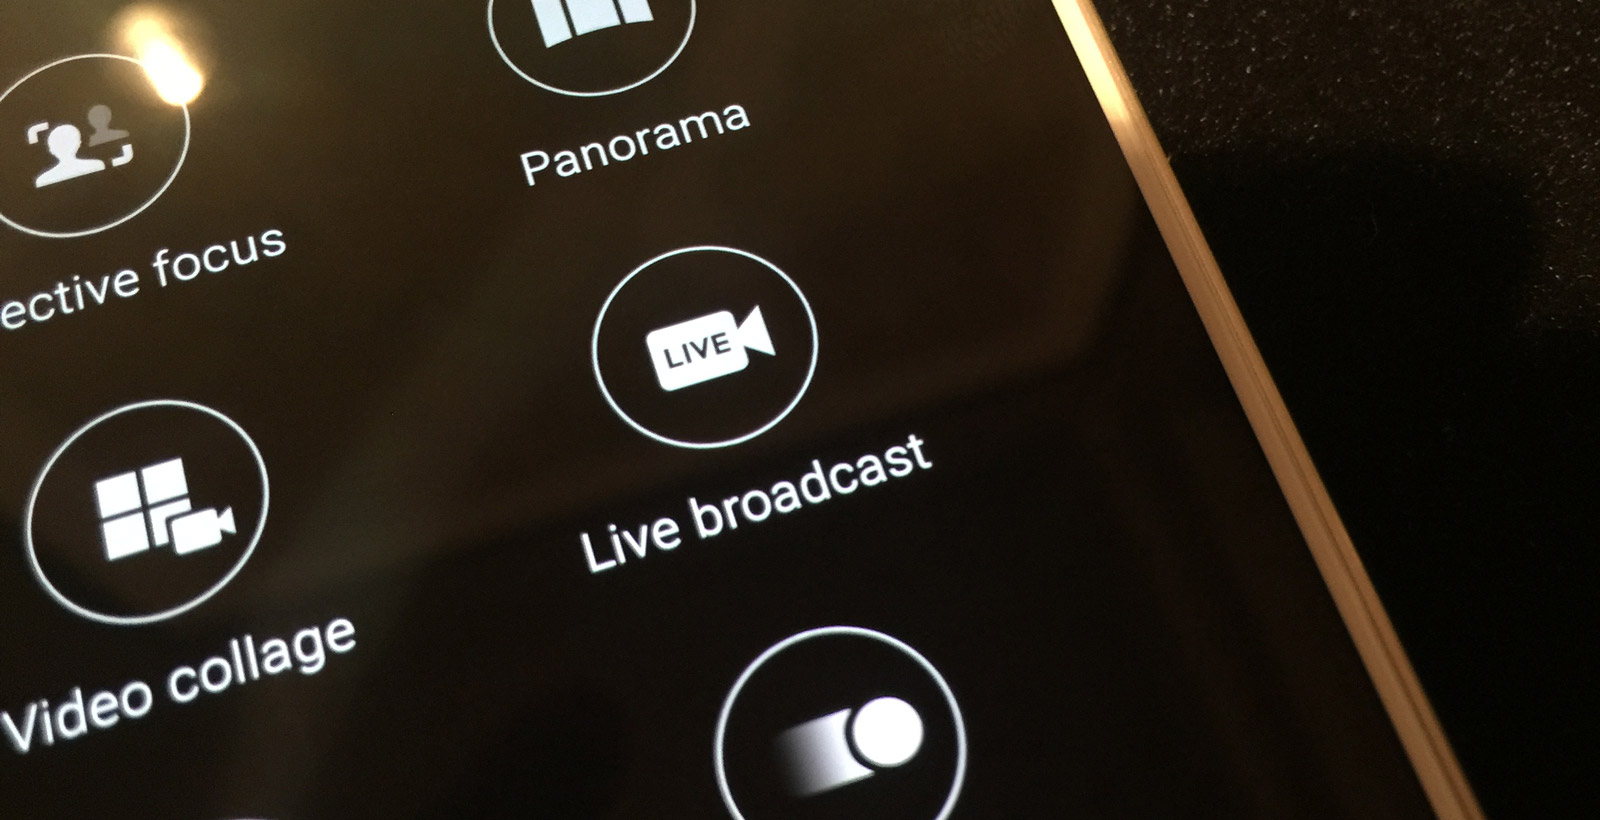 livebroadcast